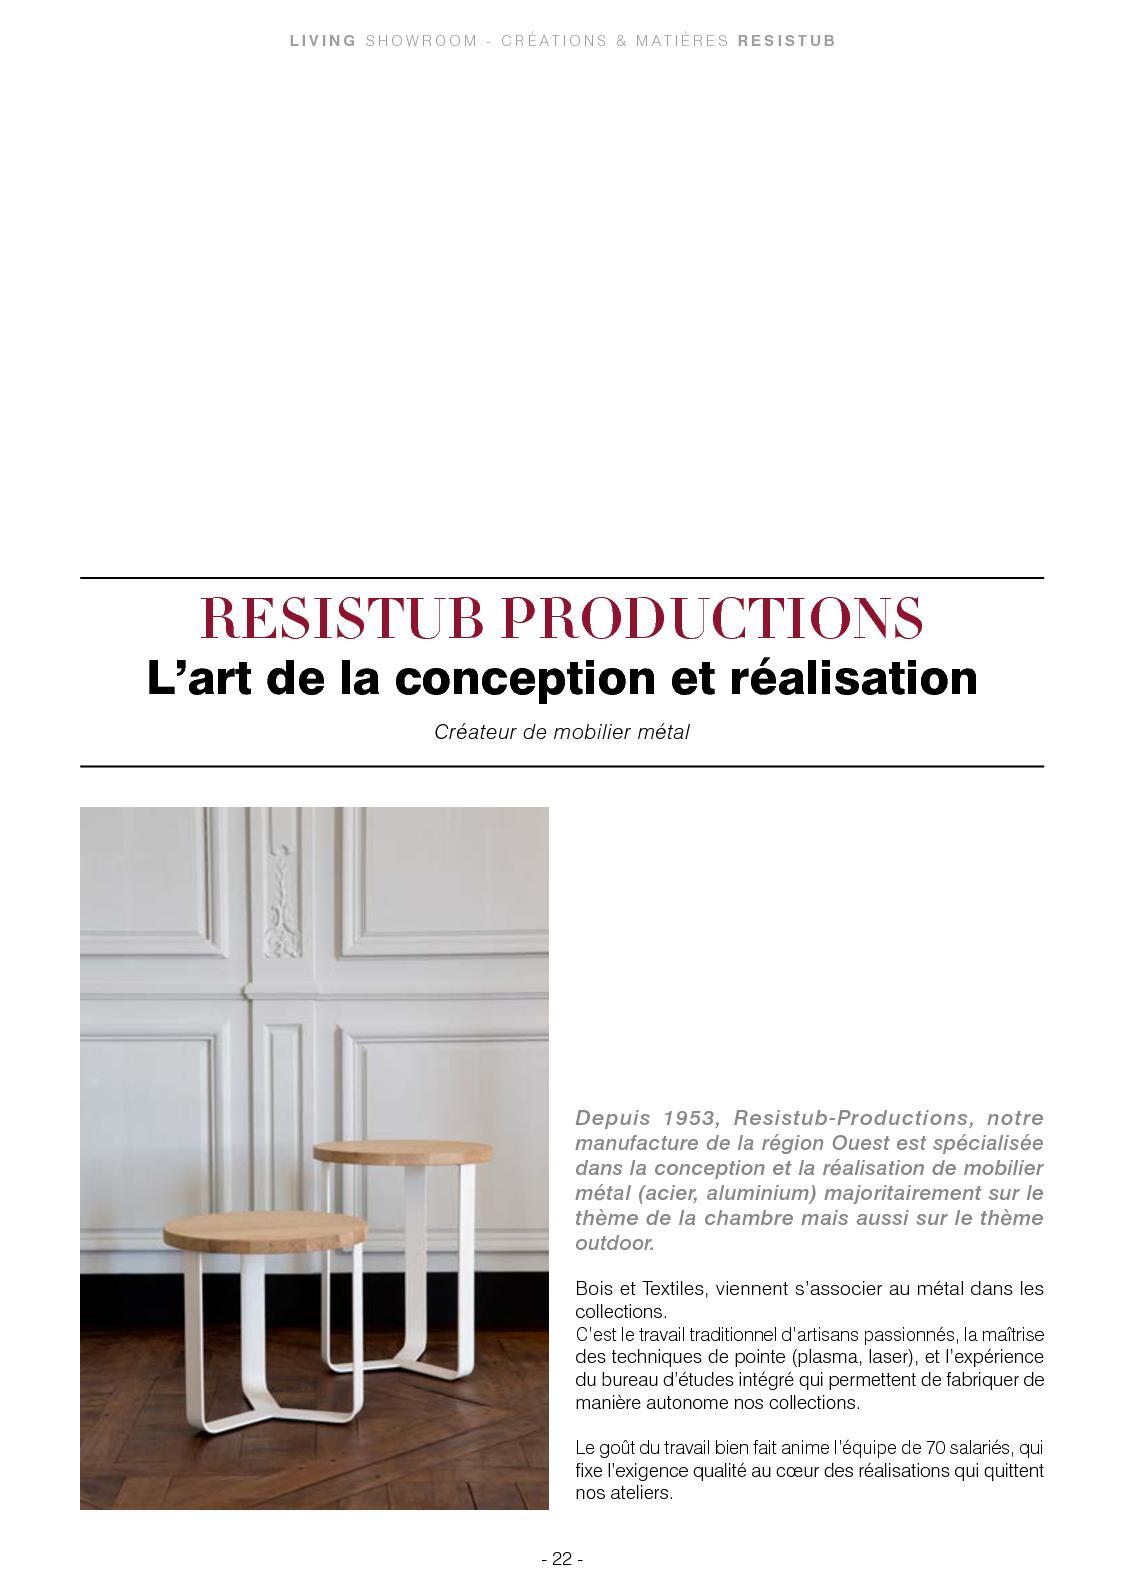 Fabriquer Un Bureau De Travail living showroom n°14 - lyon - calameo downloader